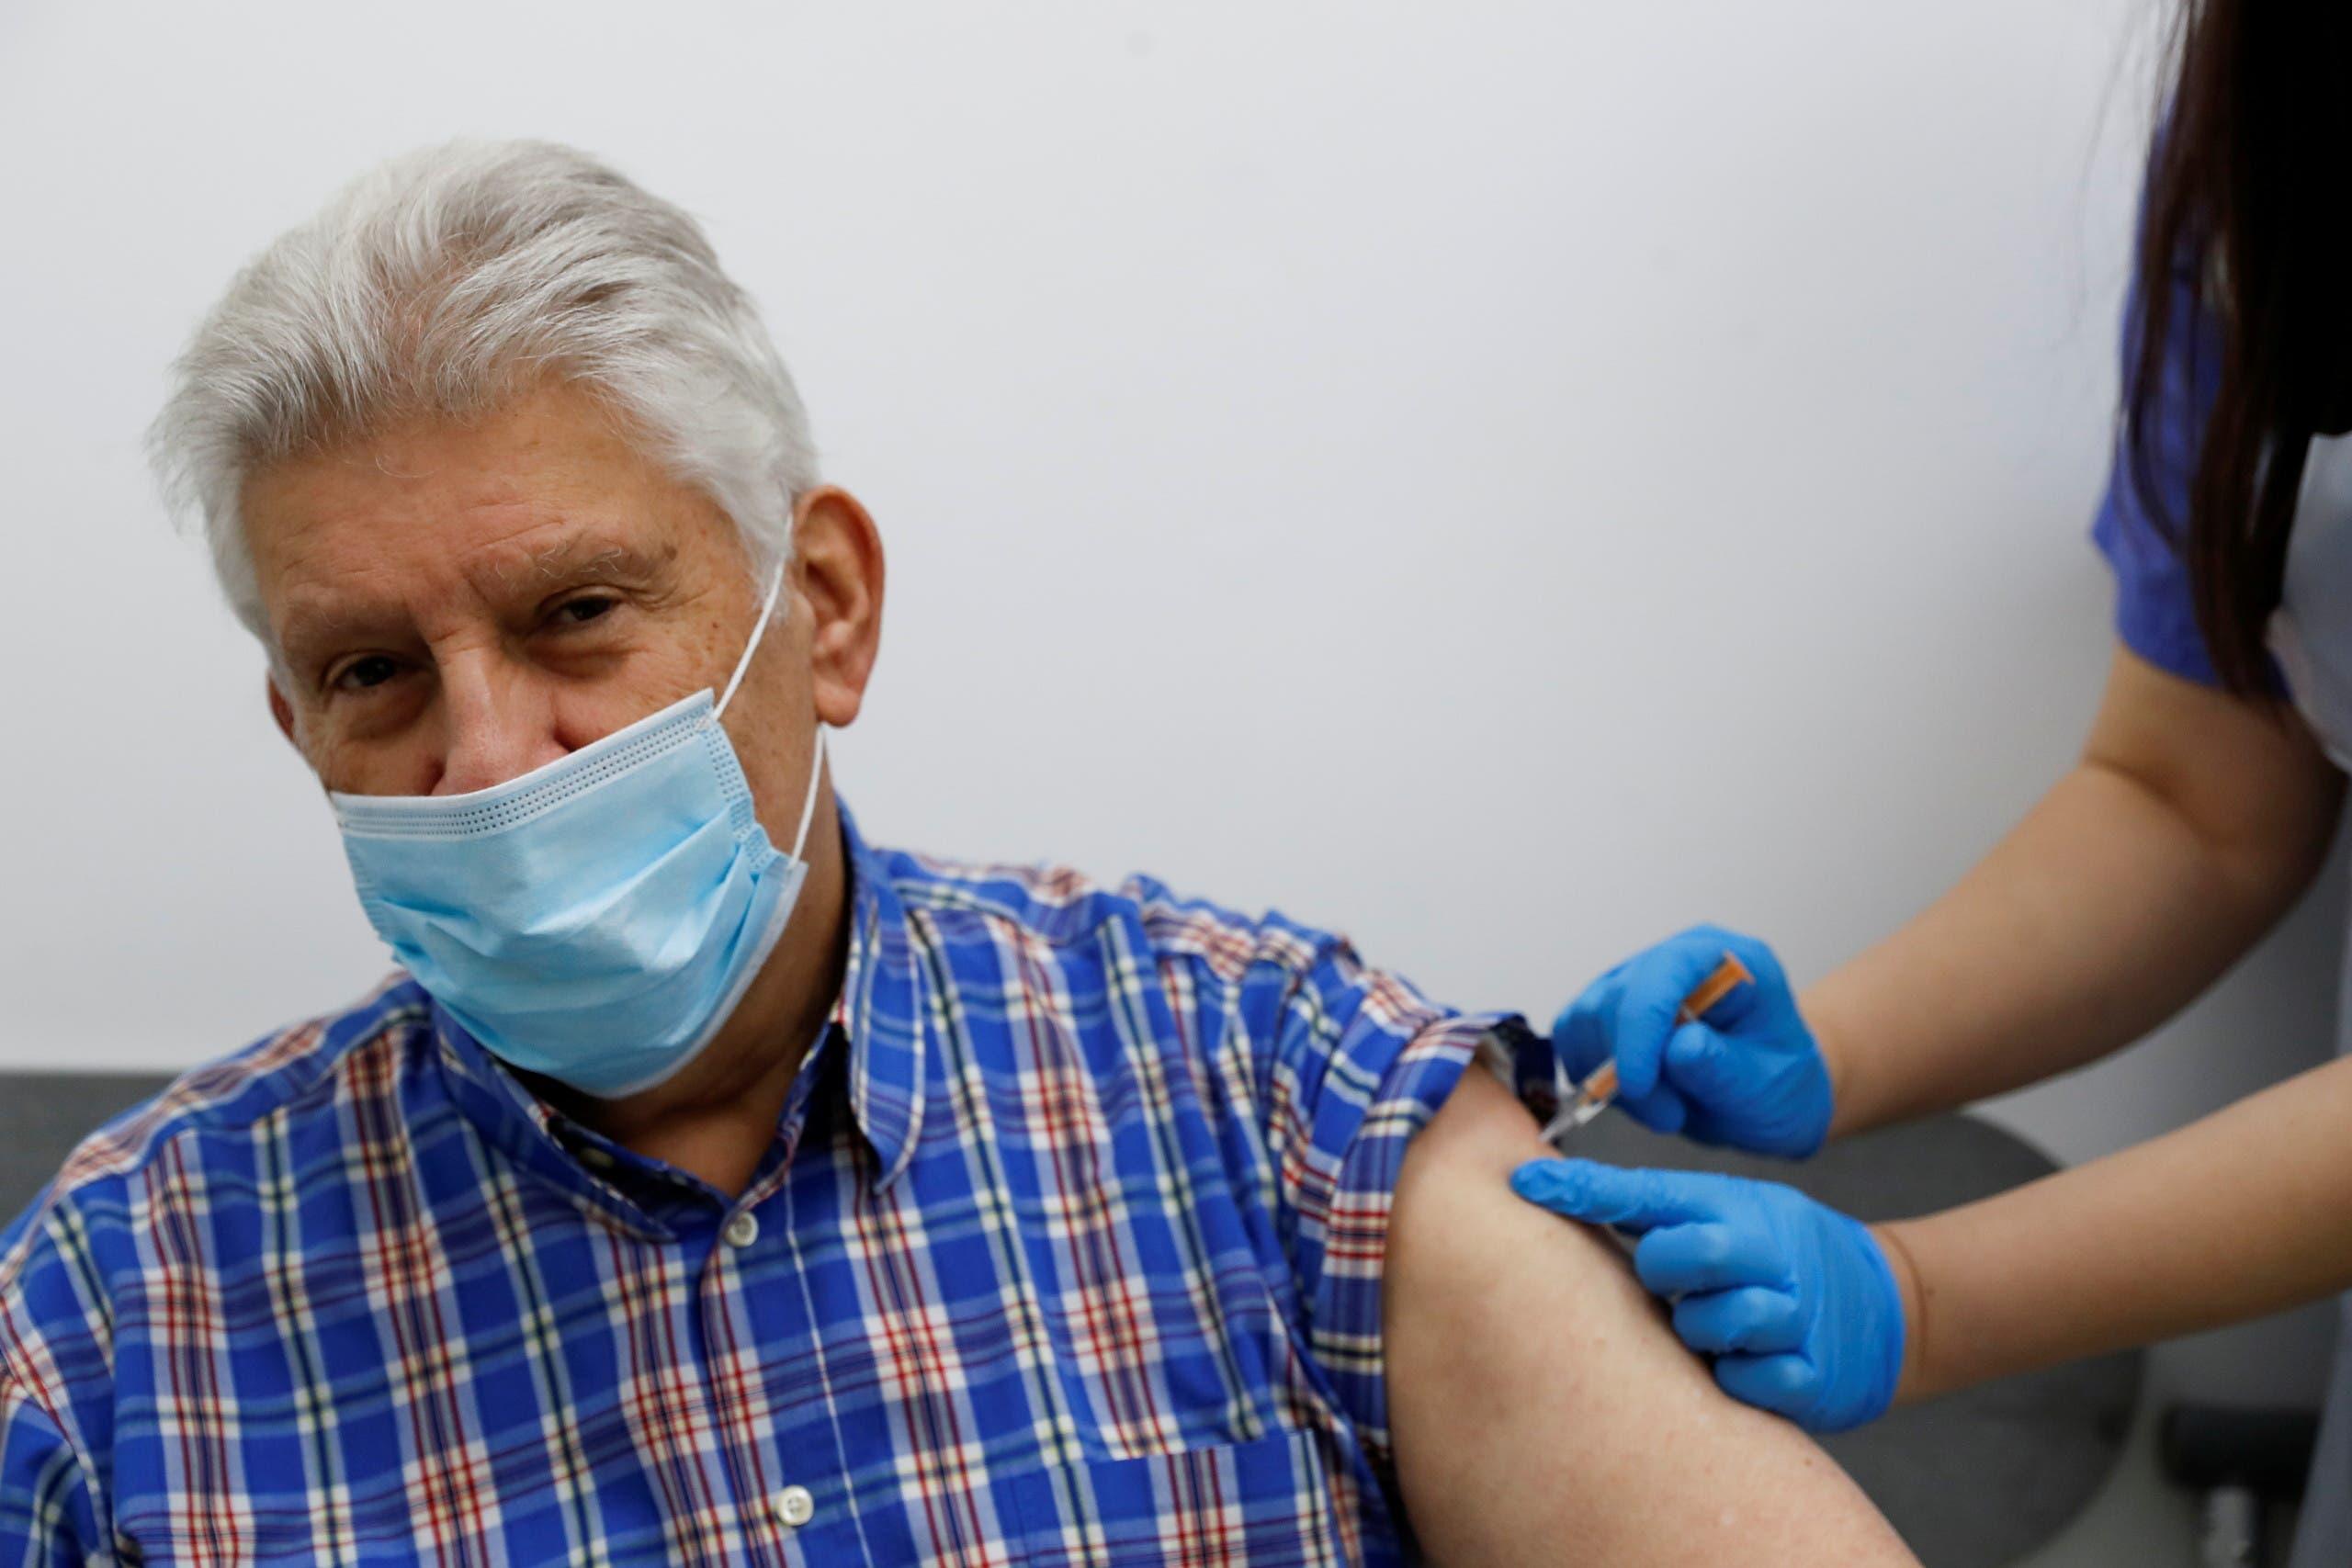 من حملة التطعيم ضد كورونا في بريطانيا